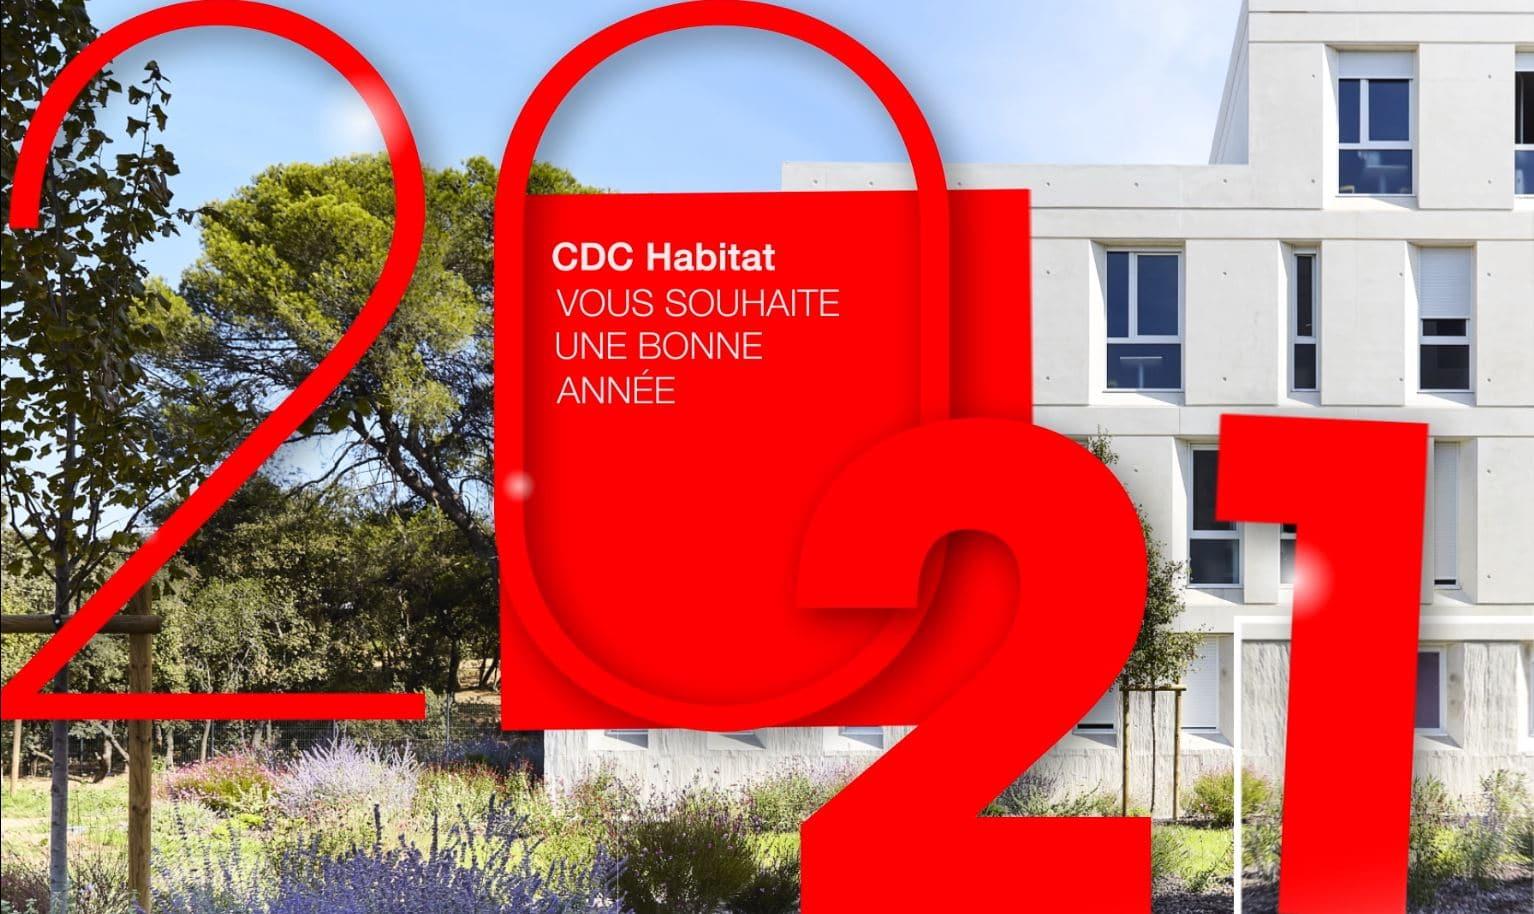 CDC Habitat vous souhaite une bonne année 2021